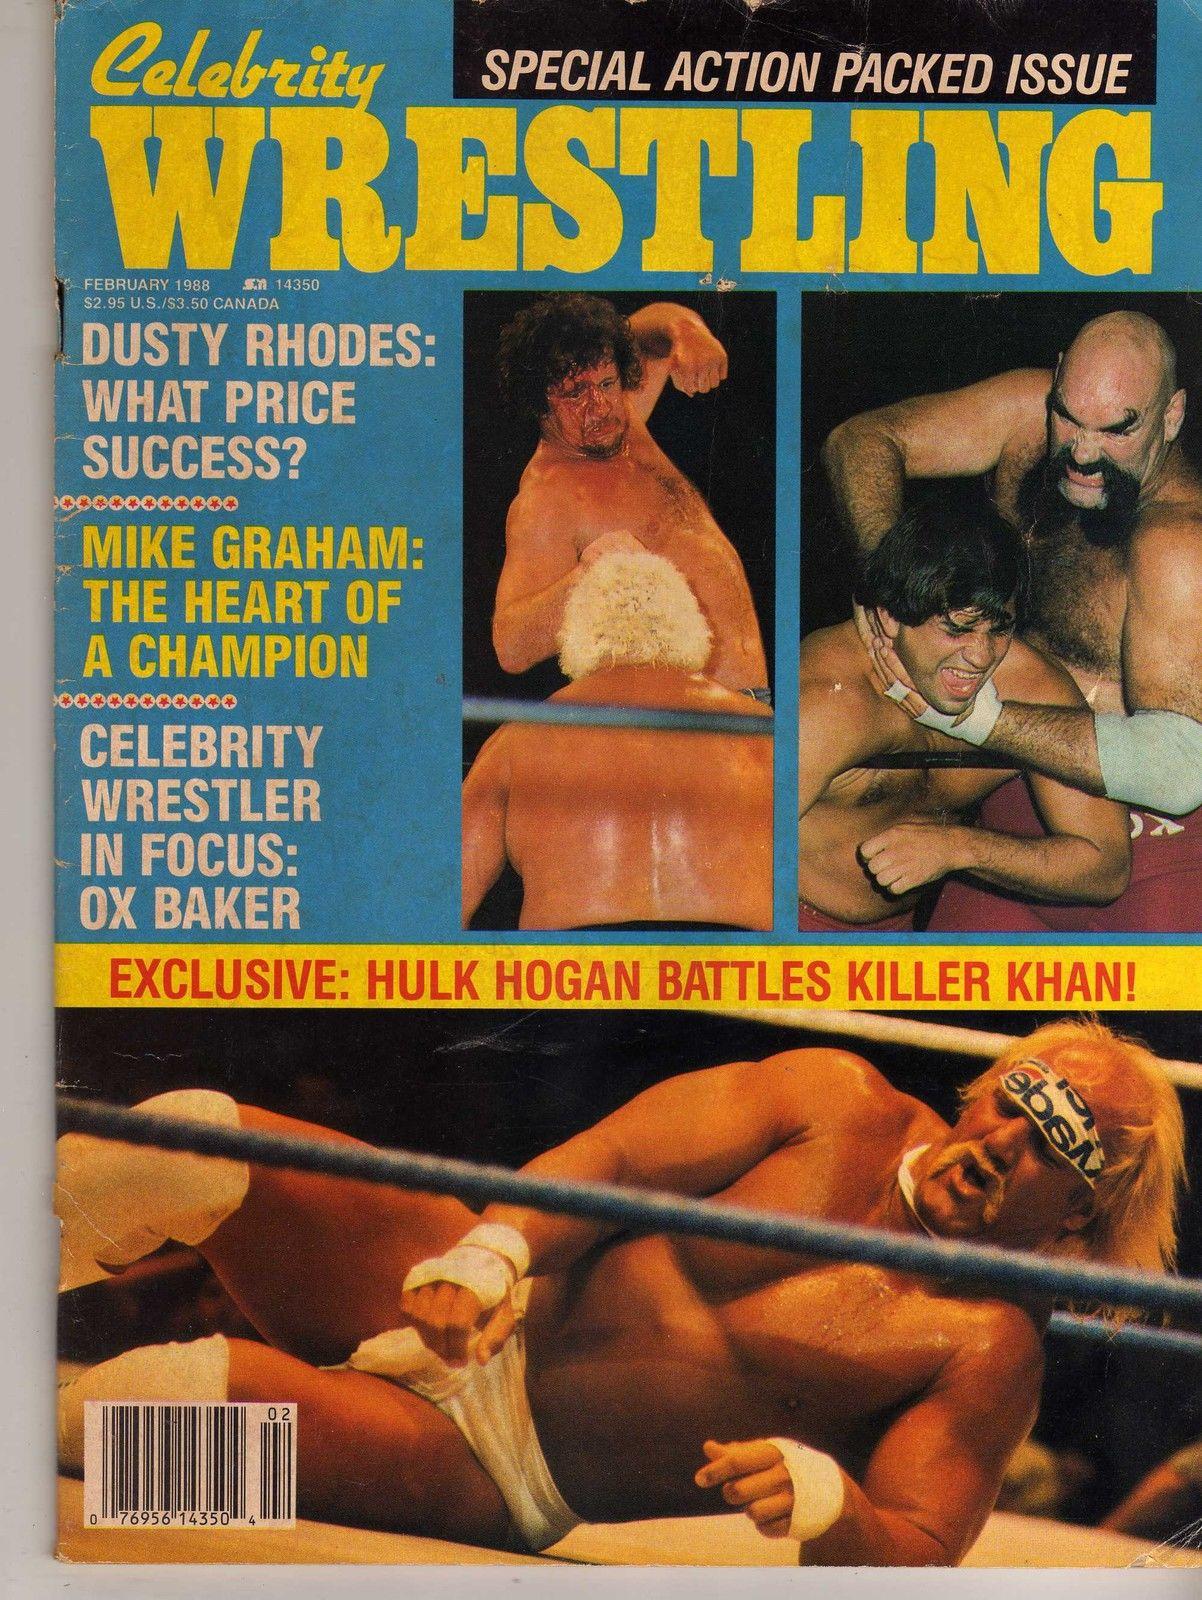 Celebrity Wrestling - February 1988